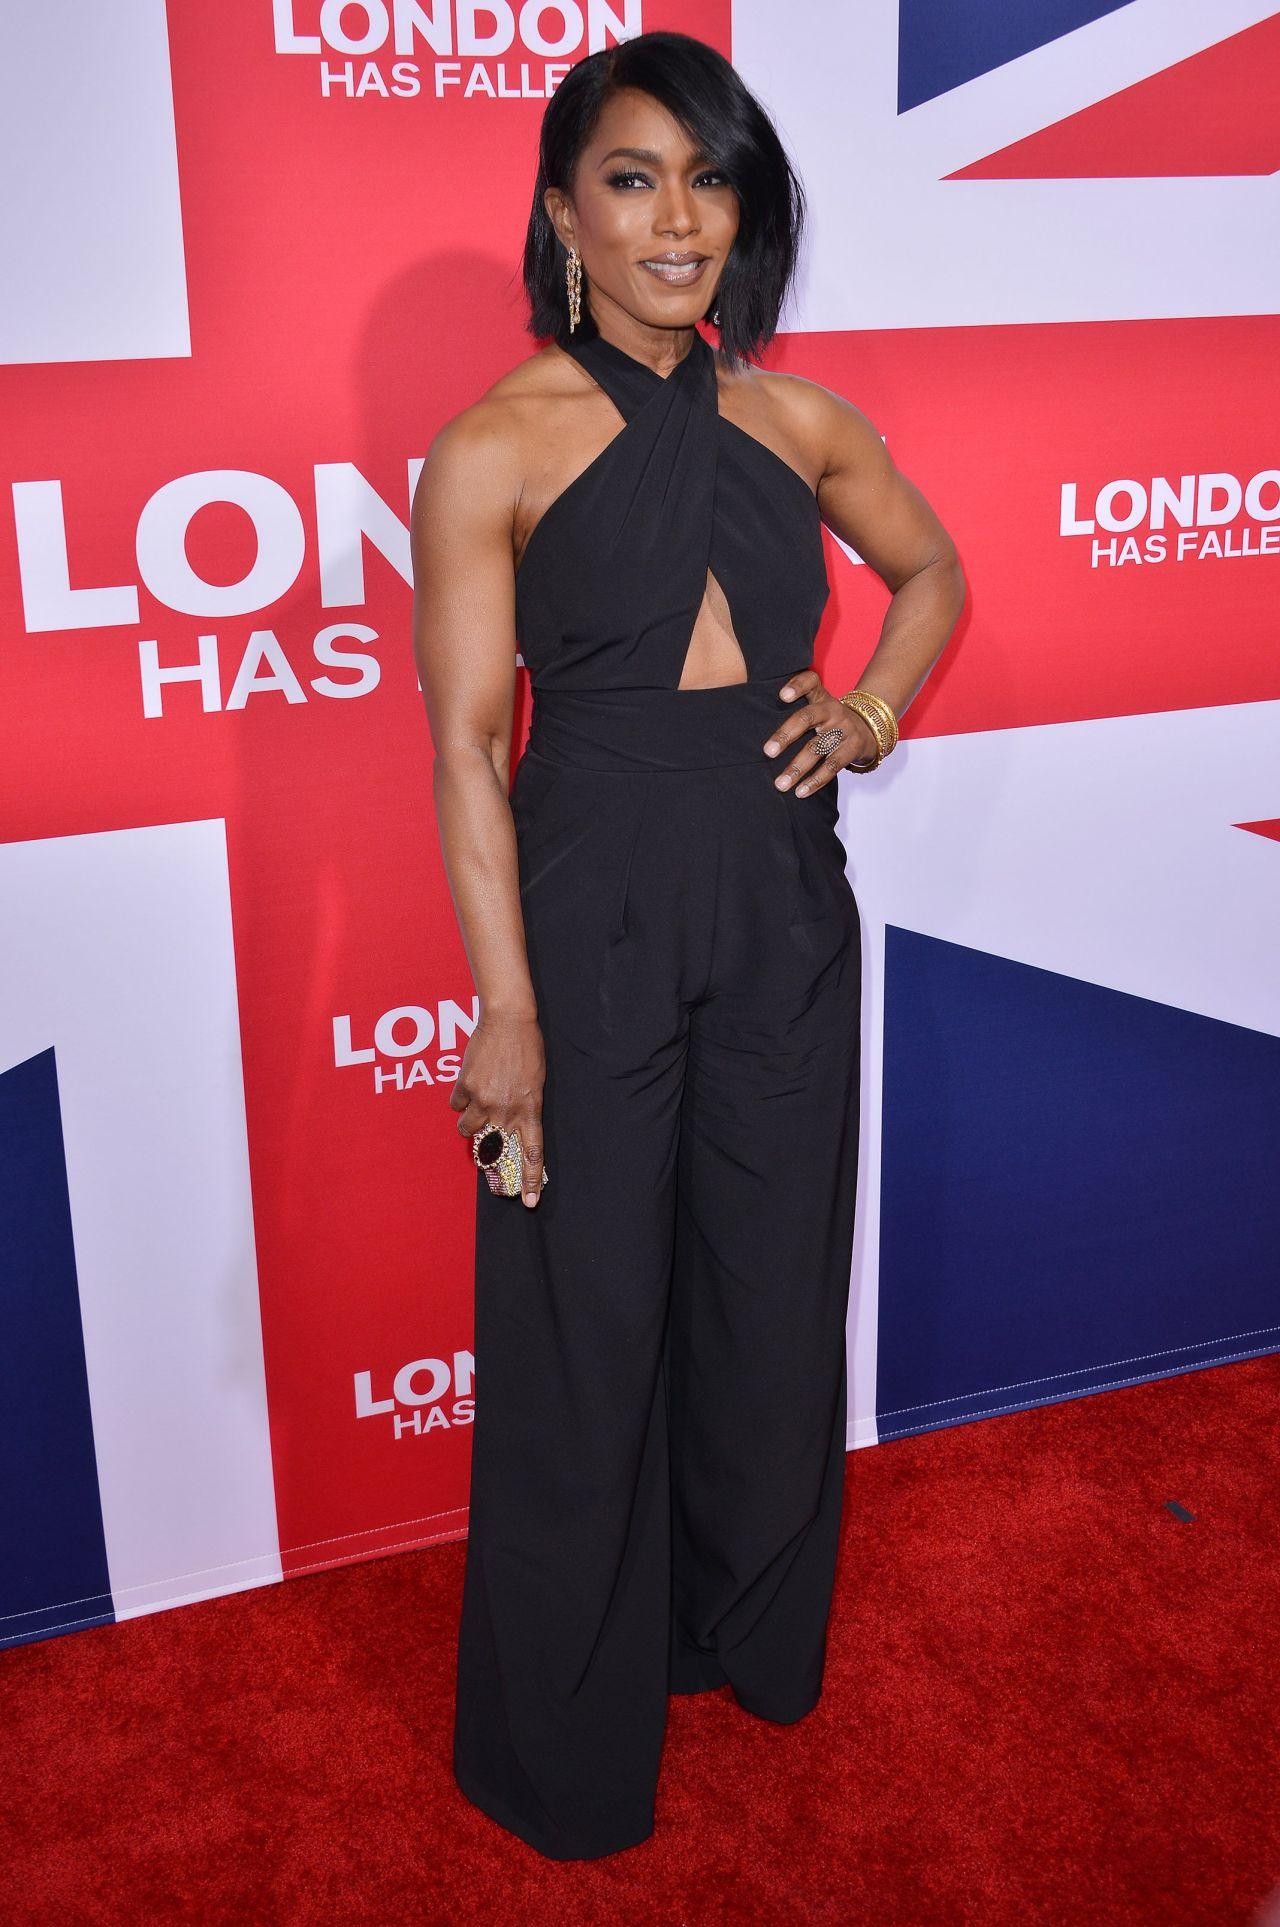 Angela Bassett London Has Fallen Premiere In Hollywood